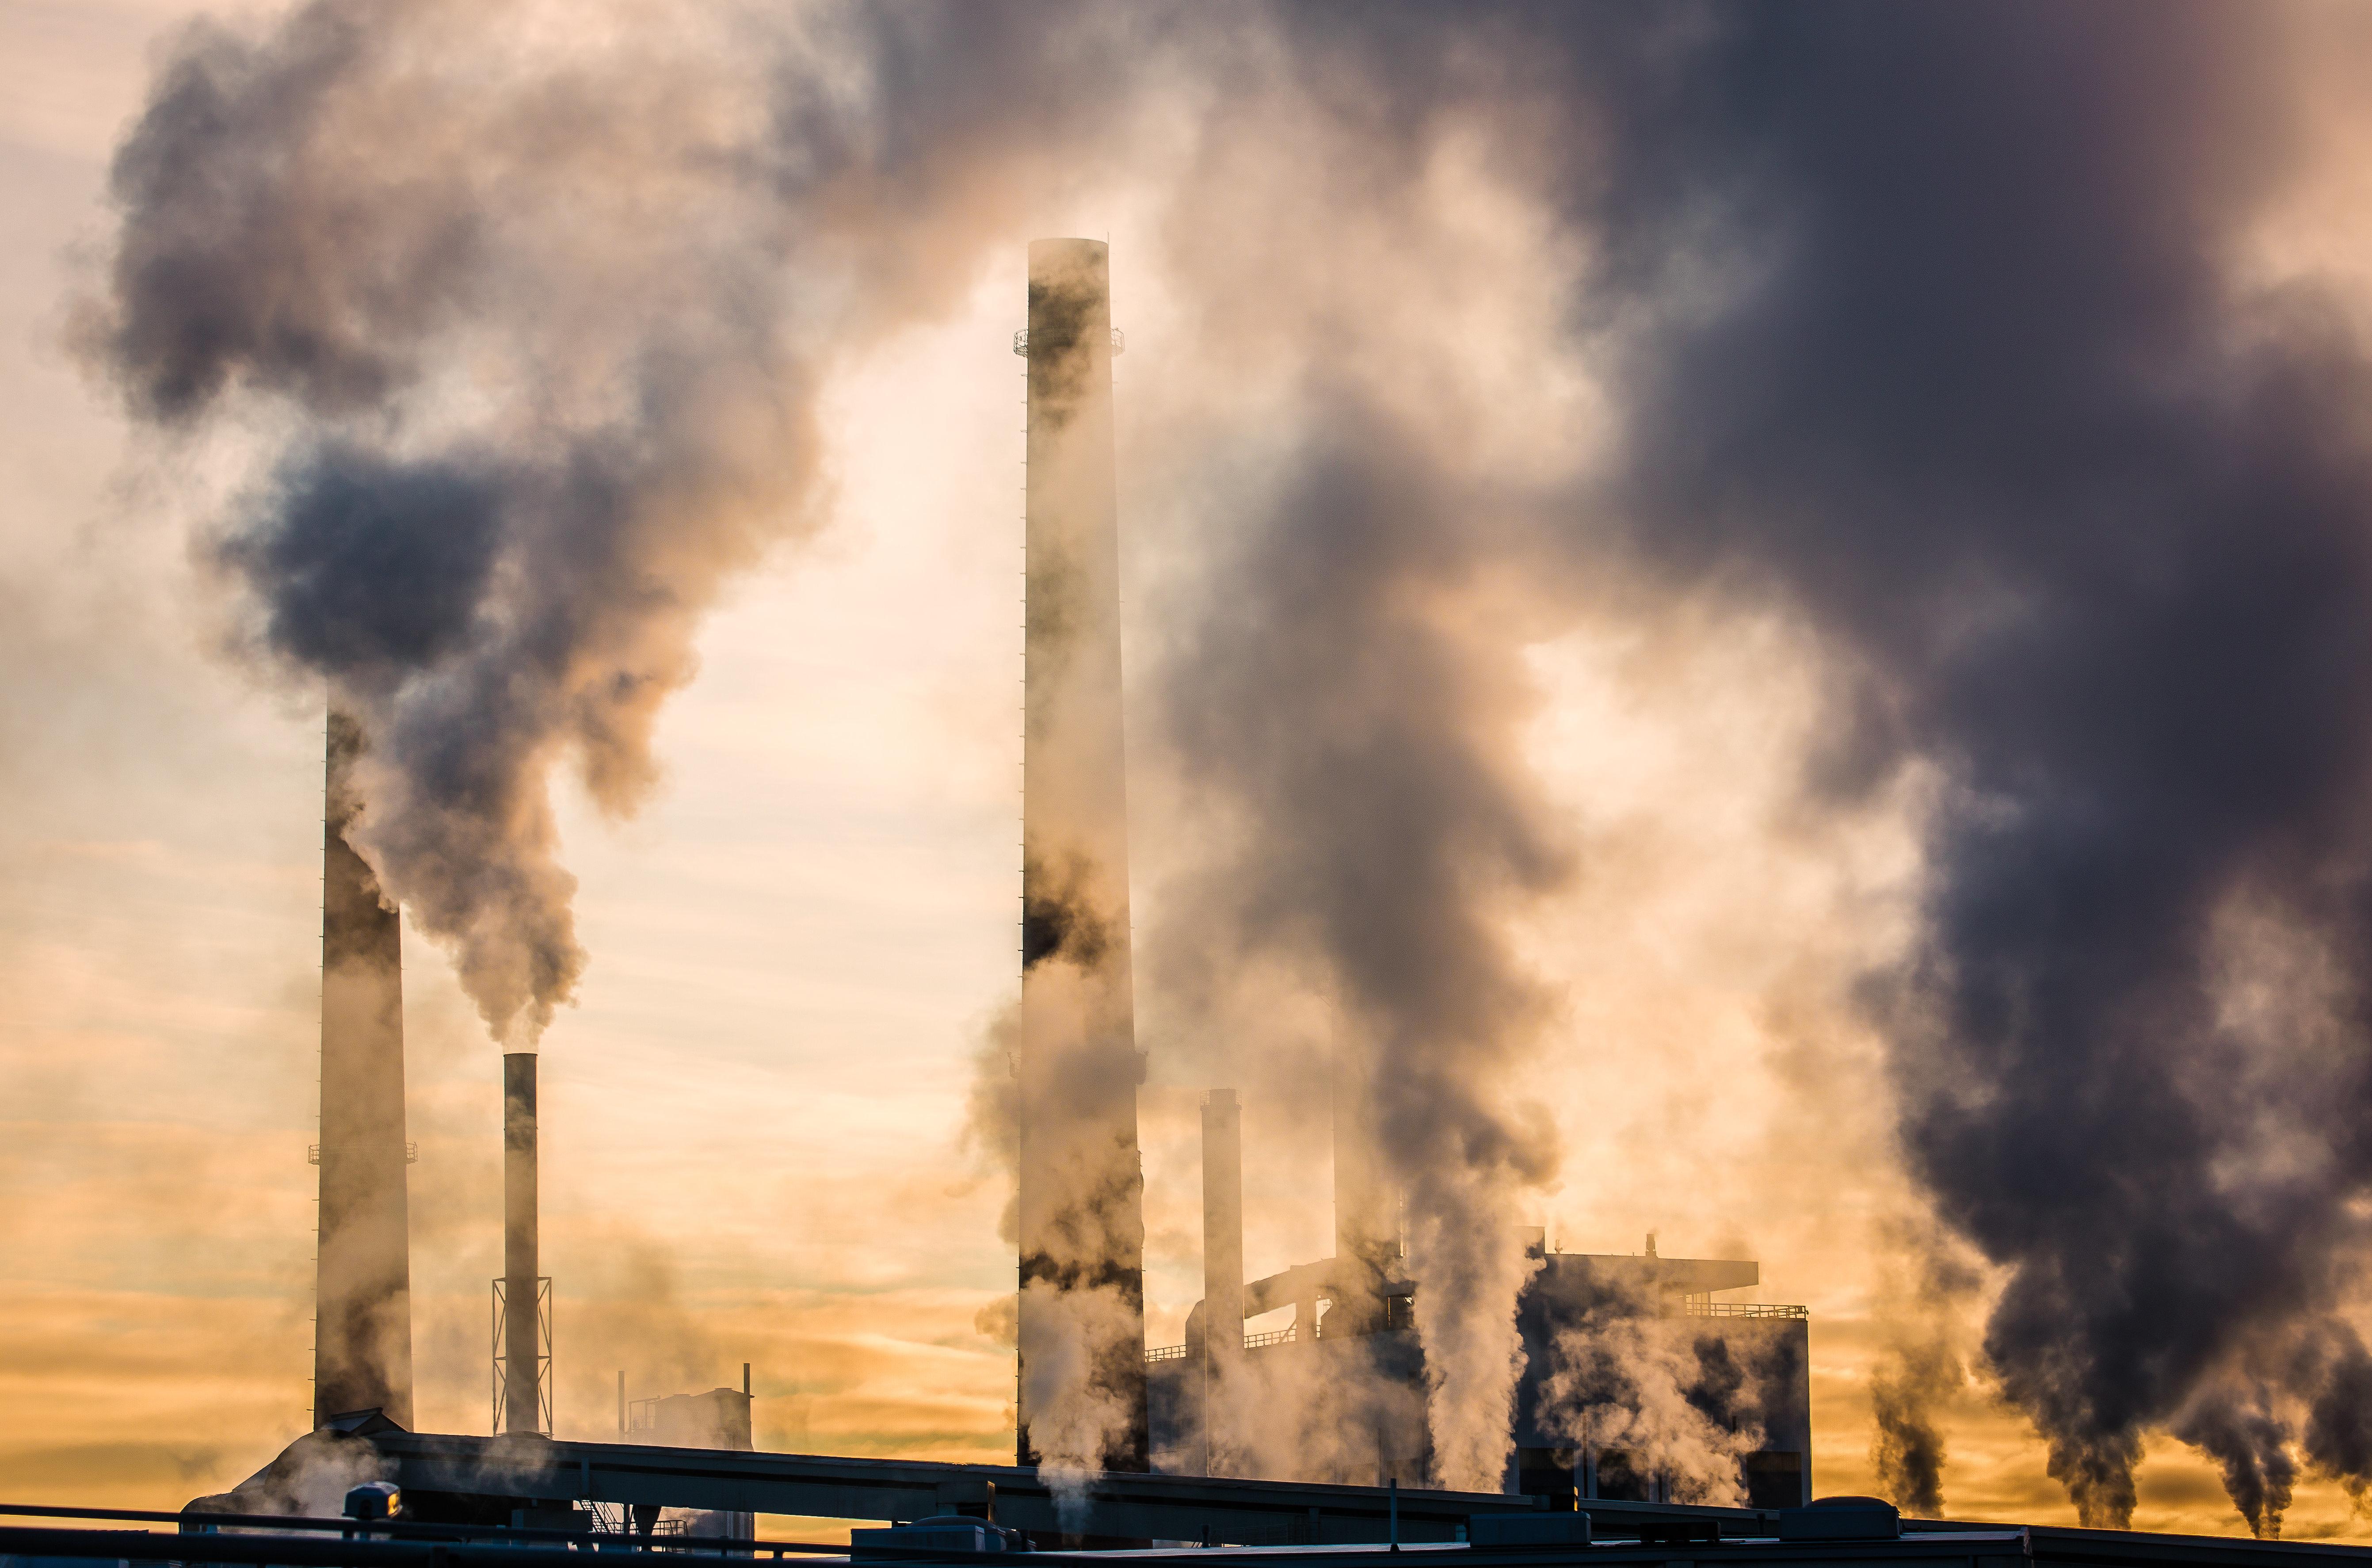 «Καμπανάκι» για τον πλανήτη: Ρεκόρ συγκέντρωσης διοξειδίου του άνθρακα και θερμοκρασίας τον